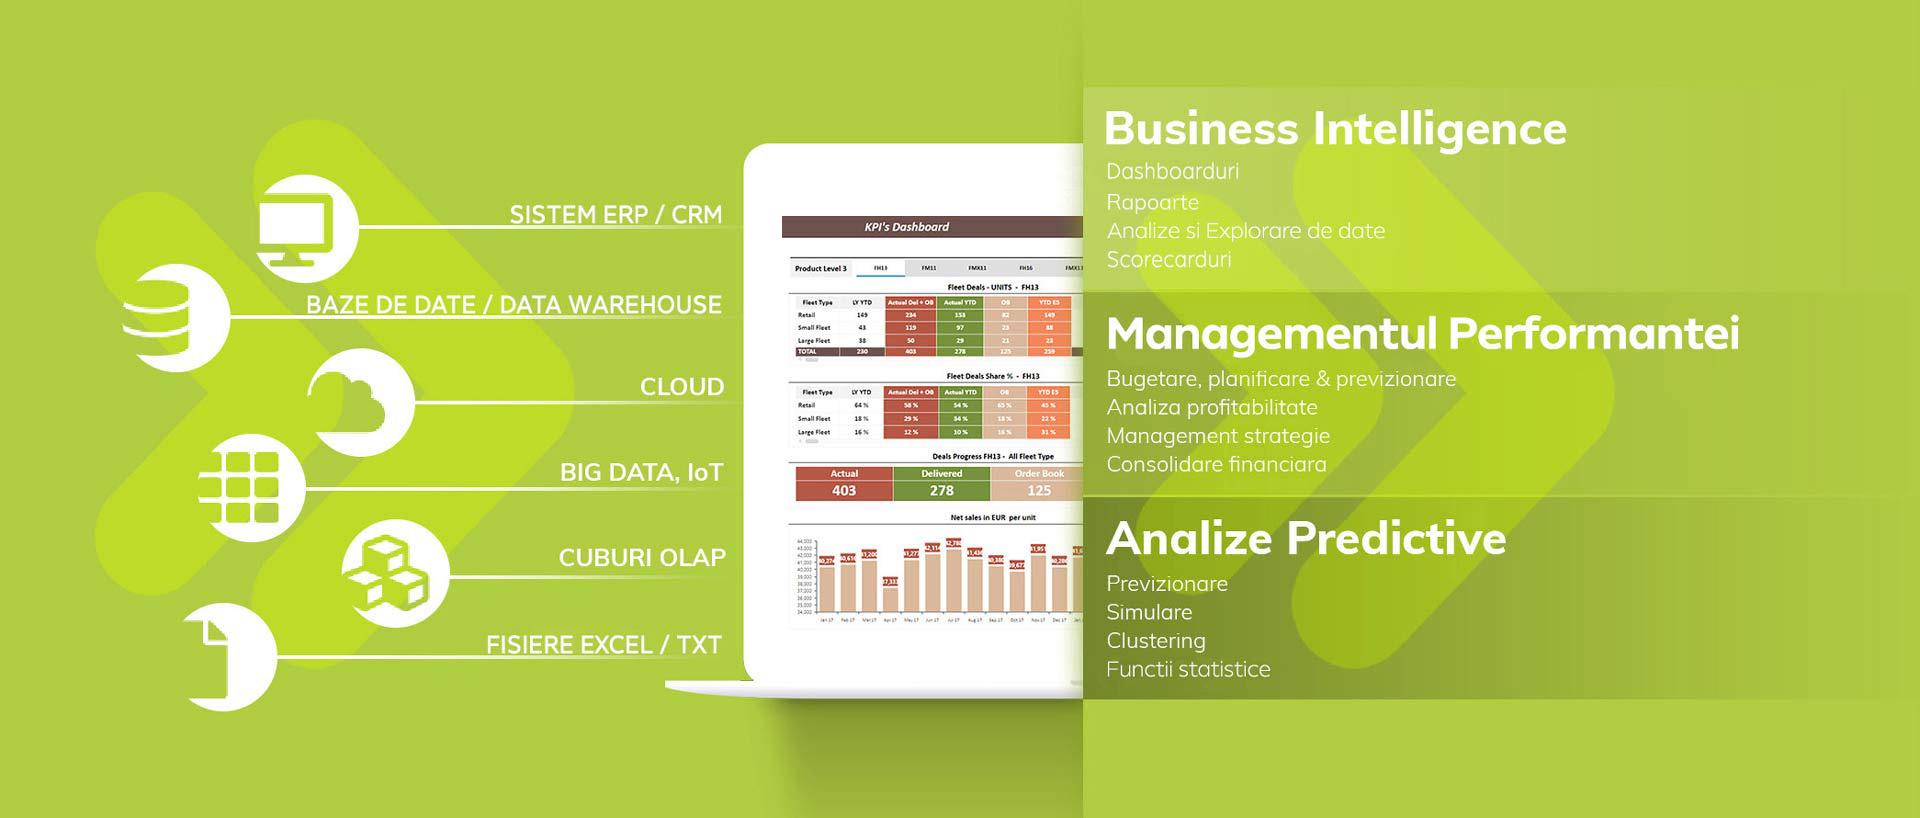 cpm-bugetare-si-planificare-schema-pagina-site-v4